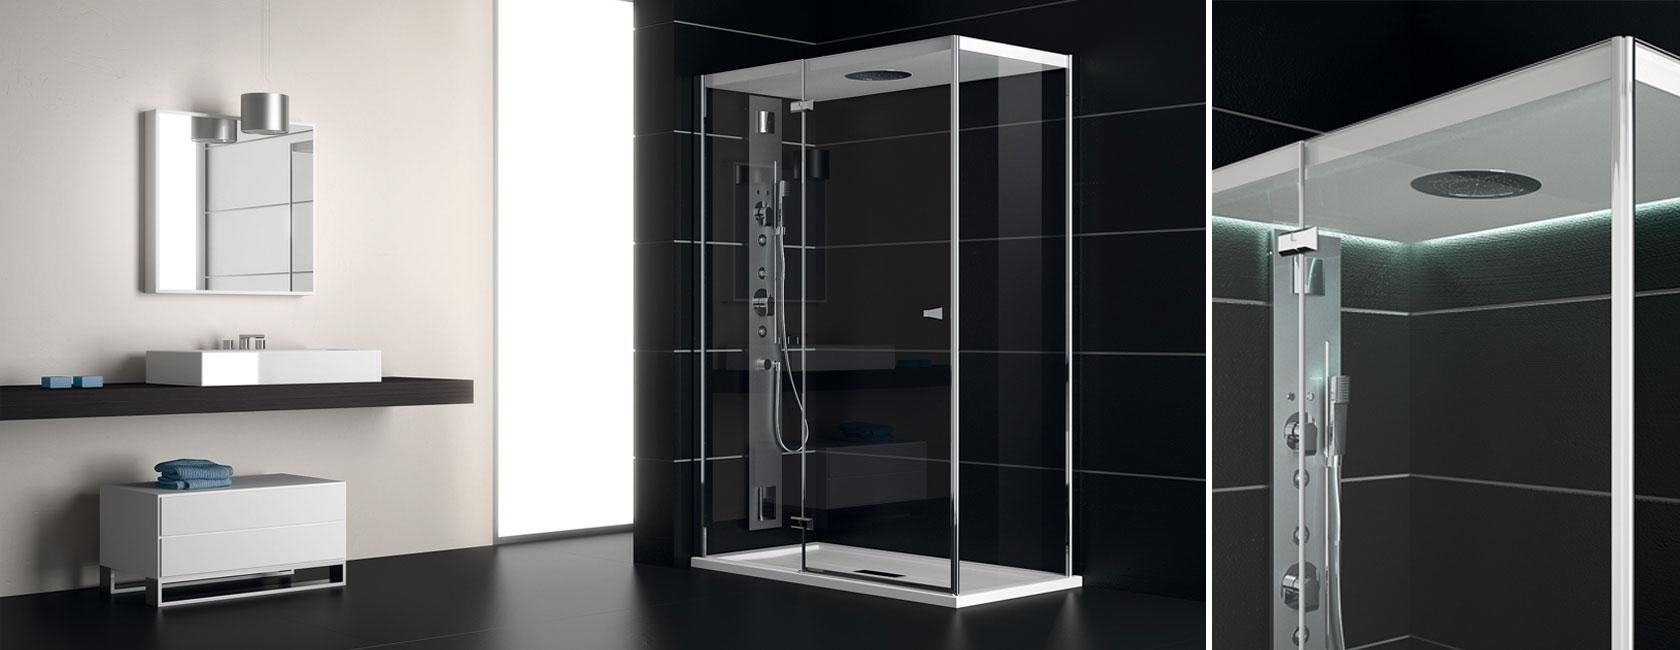 Teuco box e cabine doccia box e cabine doccie - Cabine doccia teuco ...